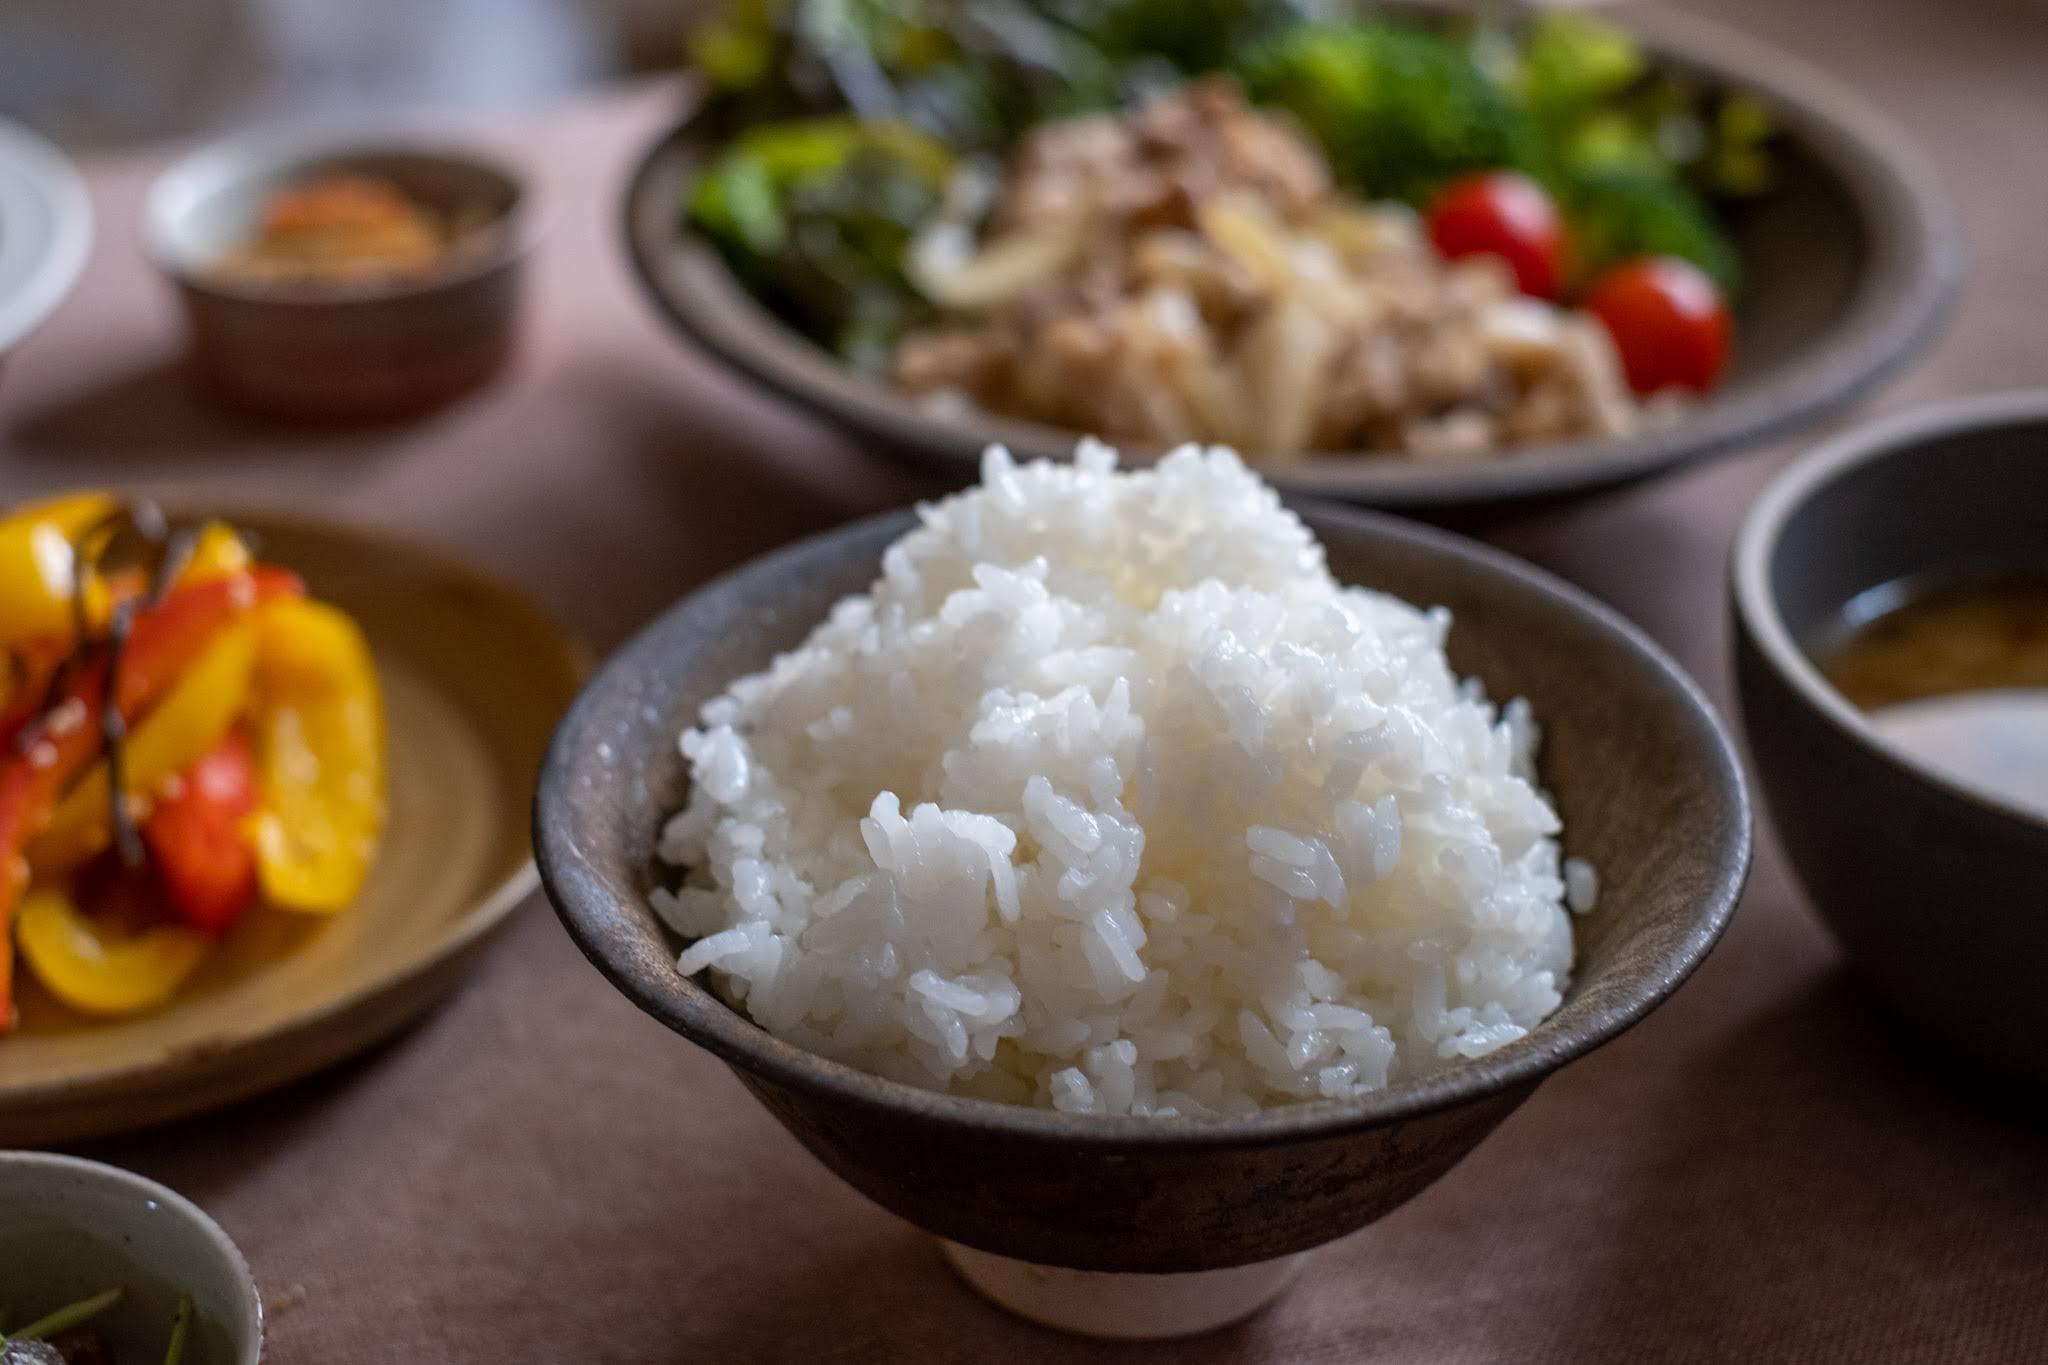 【キャンペーン終了!!】抽選で88名様に大自然米、無洗米2合(300g)無料キャンペーン!